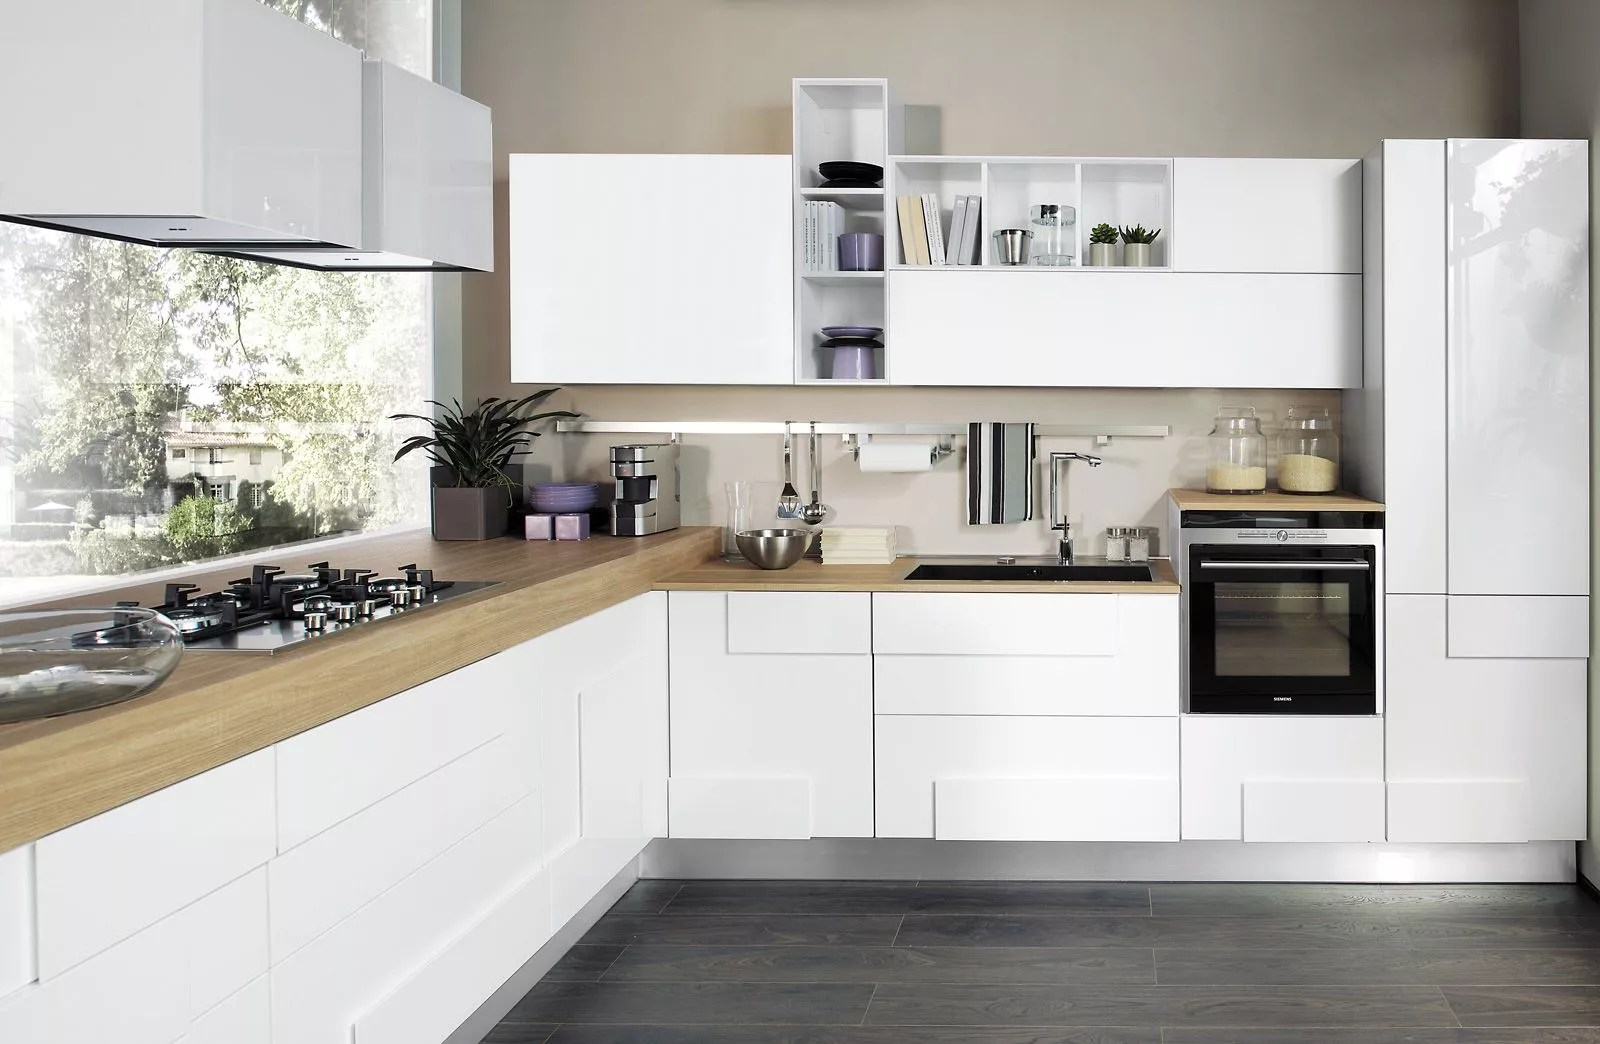 Cucina bianca 5 soluzioni per arredare proposti da Lube  Lube Store Milano  Le Cucine Lube